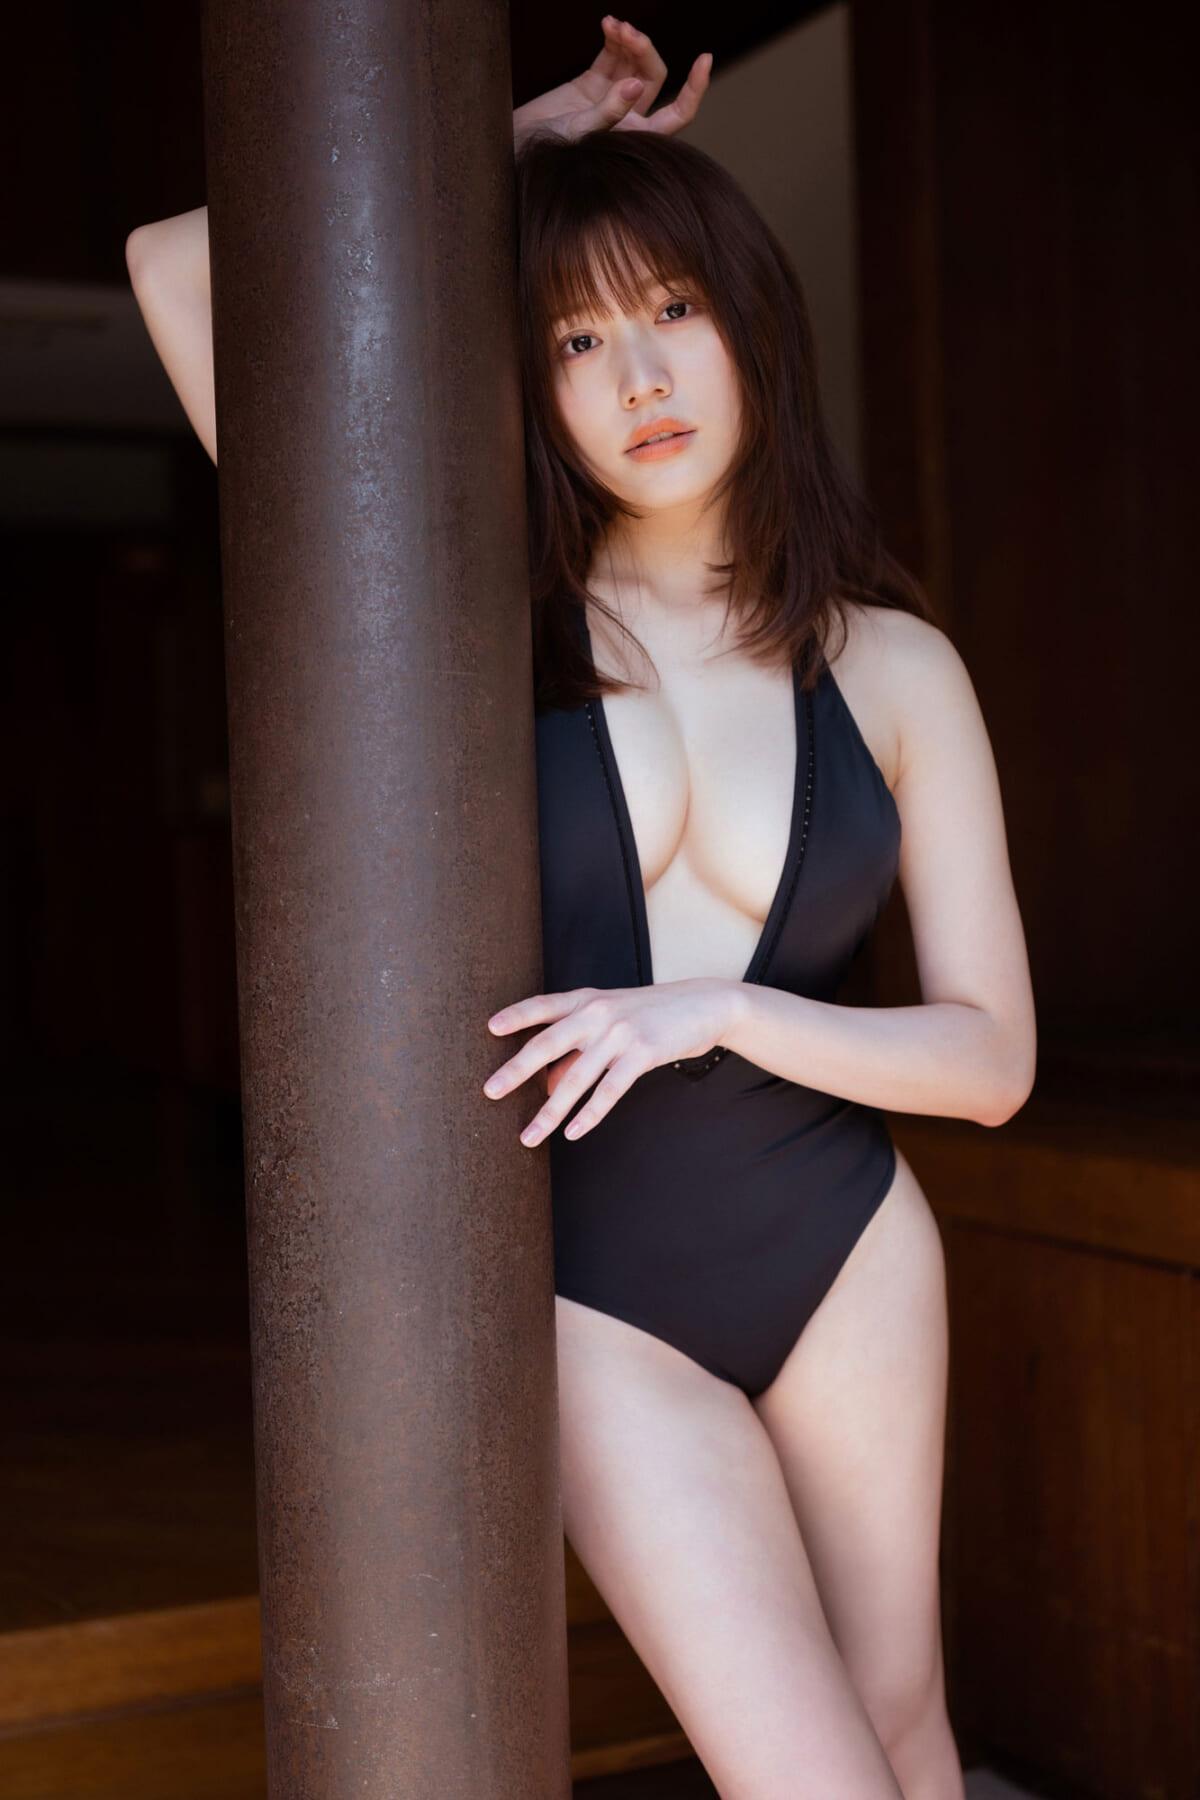 小日向ゆか©光文社/週刊FLASH 写真◎前康輔